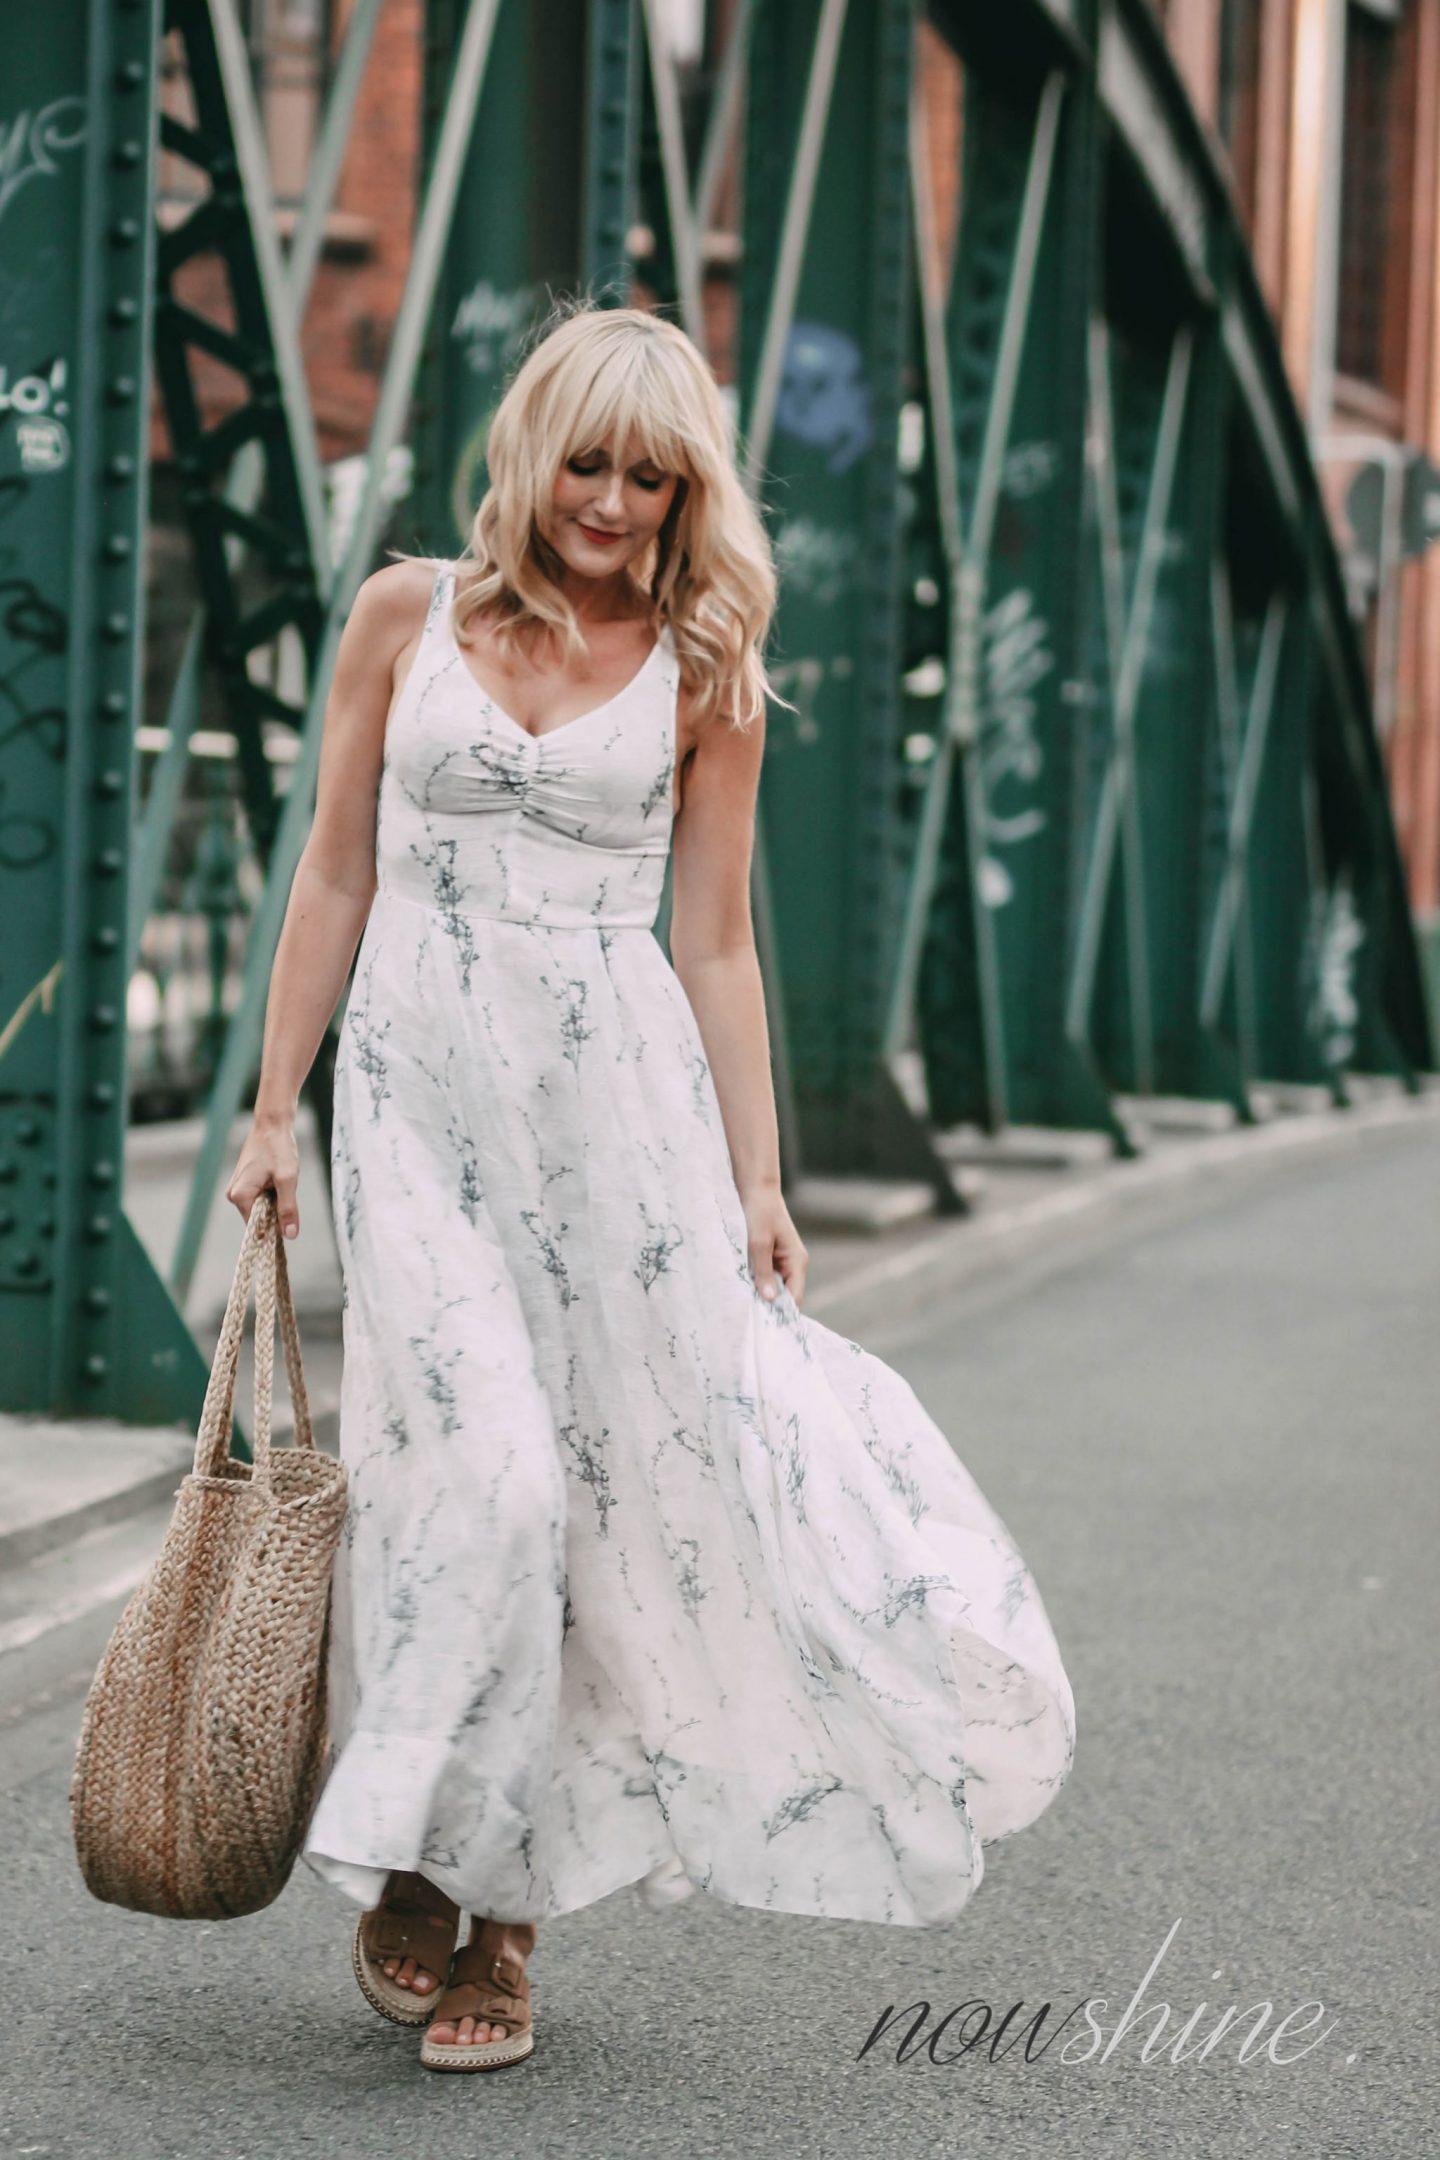 Conscious Exclusive Kleid von H&M - Beutelatsche aus Jute von Mango - Sandalen aus Jute von Zara - Nowshine Mode ab 40